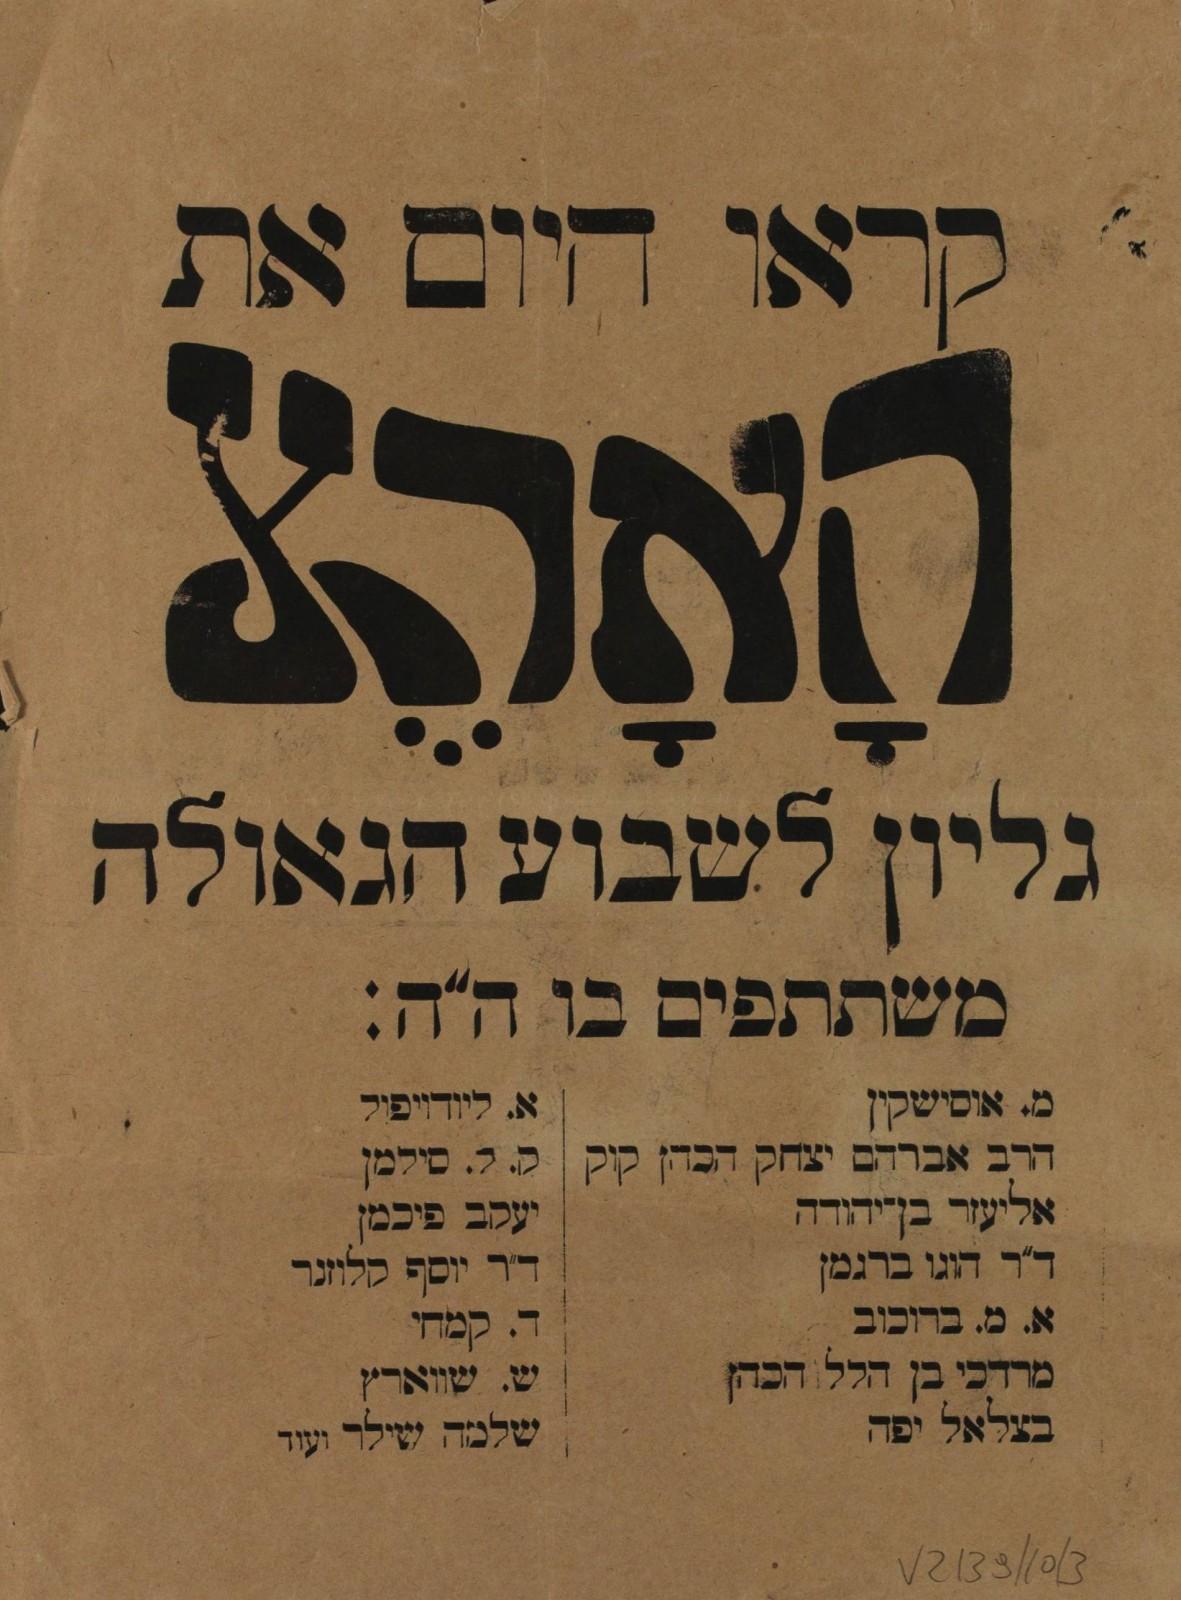 """כרזת """"הארץ"""" לרגל """"שבוע הגאולה"""", 1920"""